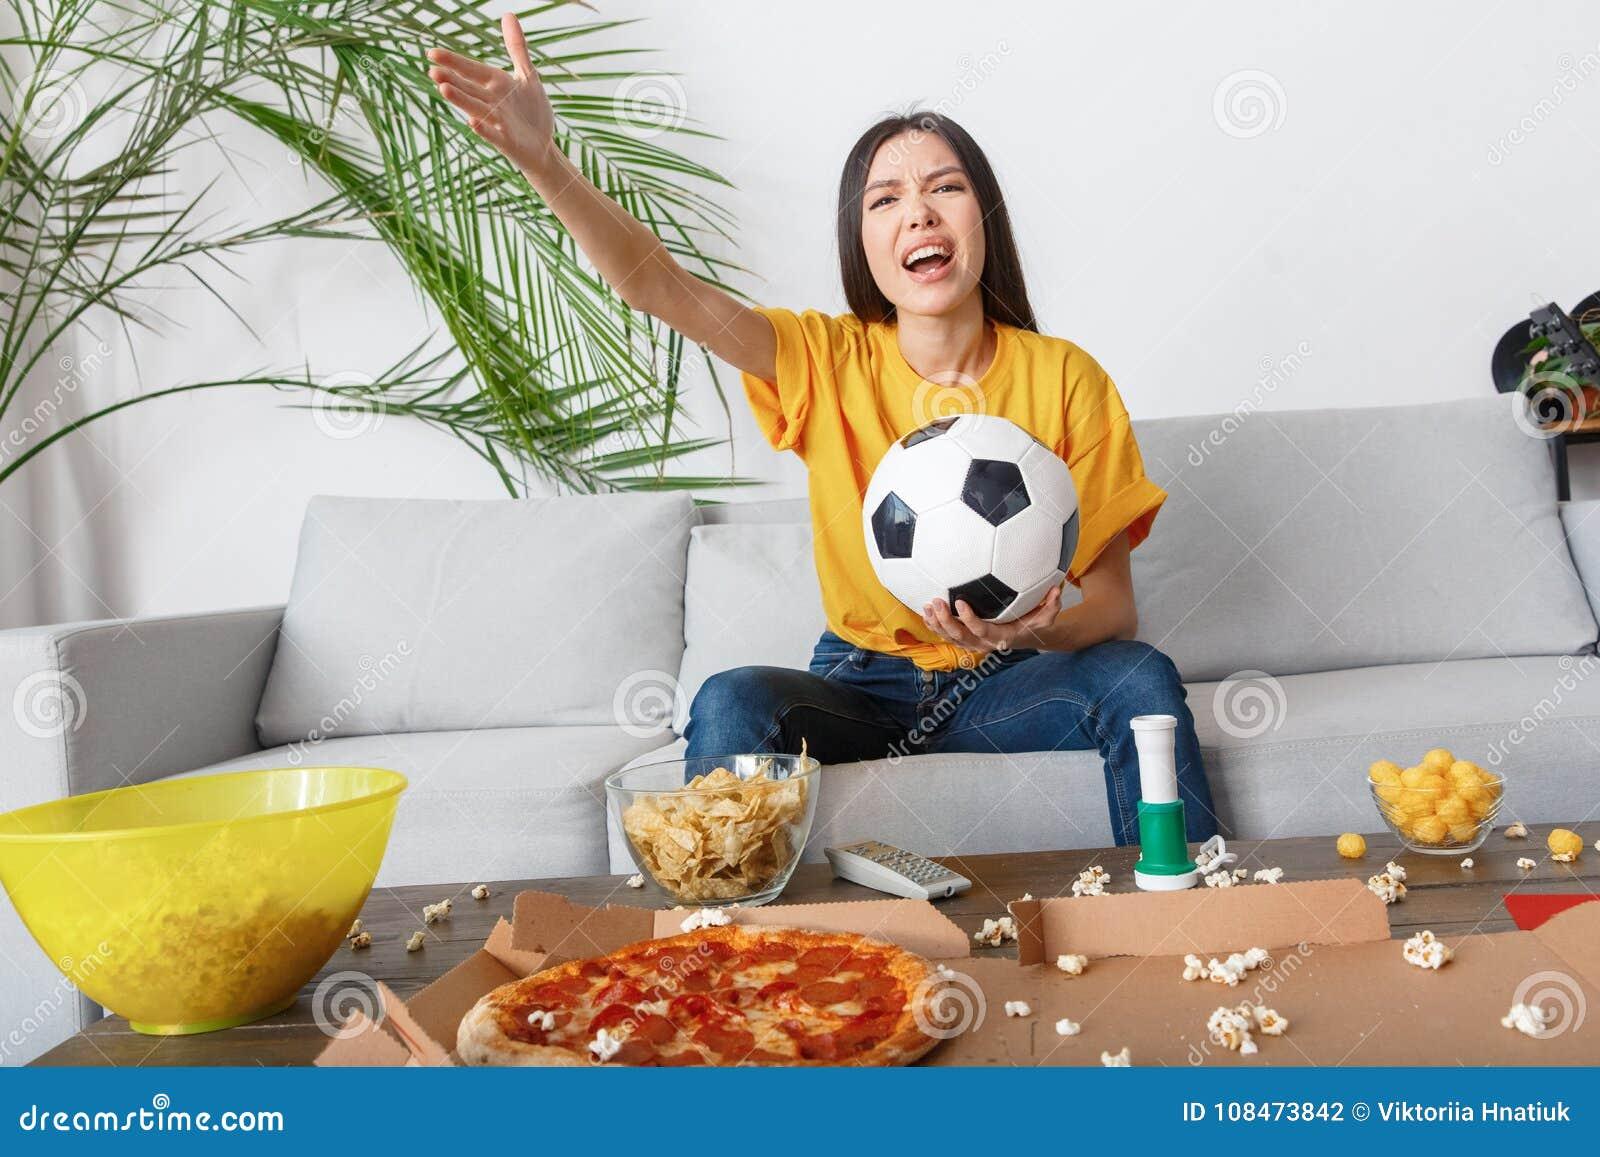 Young woman sport fan watching match in a yellow t-shirt shouting angry